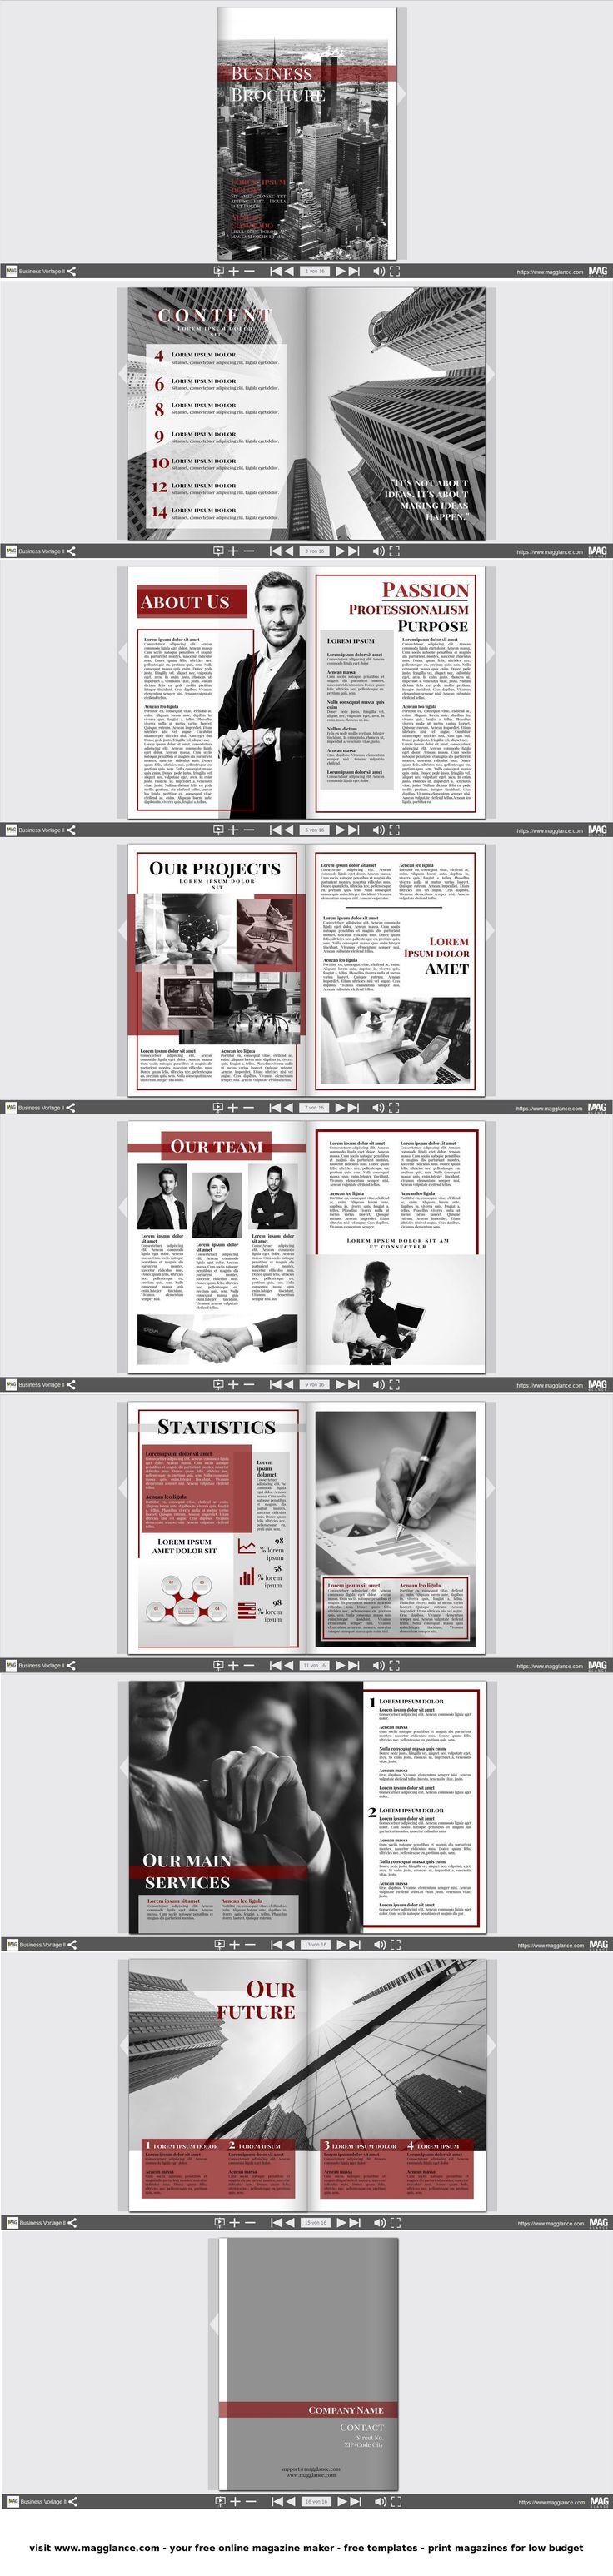 Business Broschüre kostenlos online erstellen und günstig drucken unter de.magglance.com #Broschüre #Firmenzeitung #Vorlage #Design #Muster #Beispiel #Template #Firmenzeitung #Layout #Erstellen #Gestalten #Cover #Unternehmenpräsentation